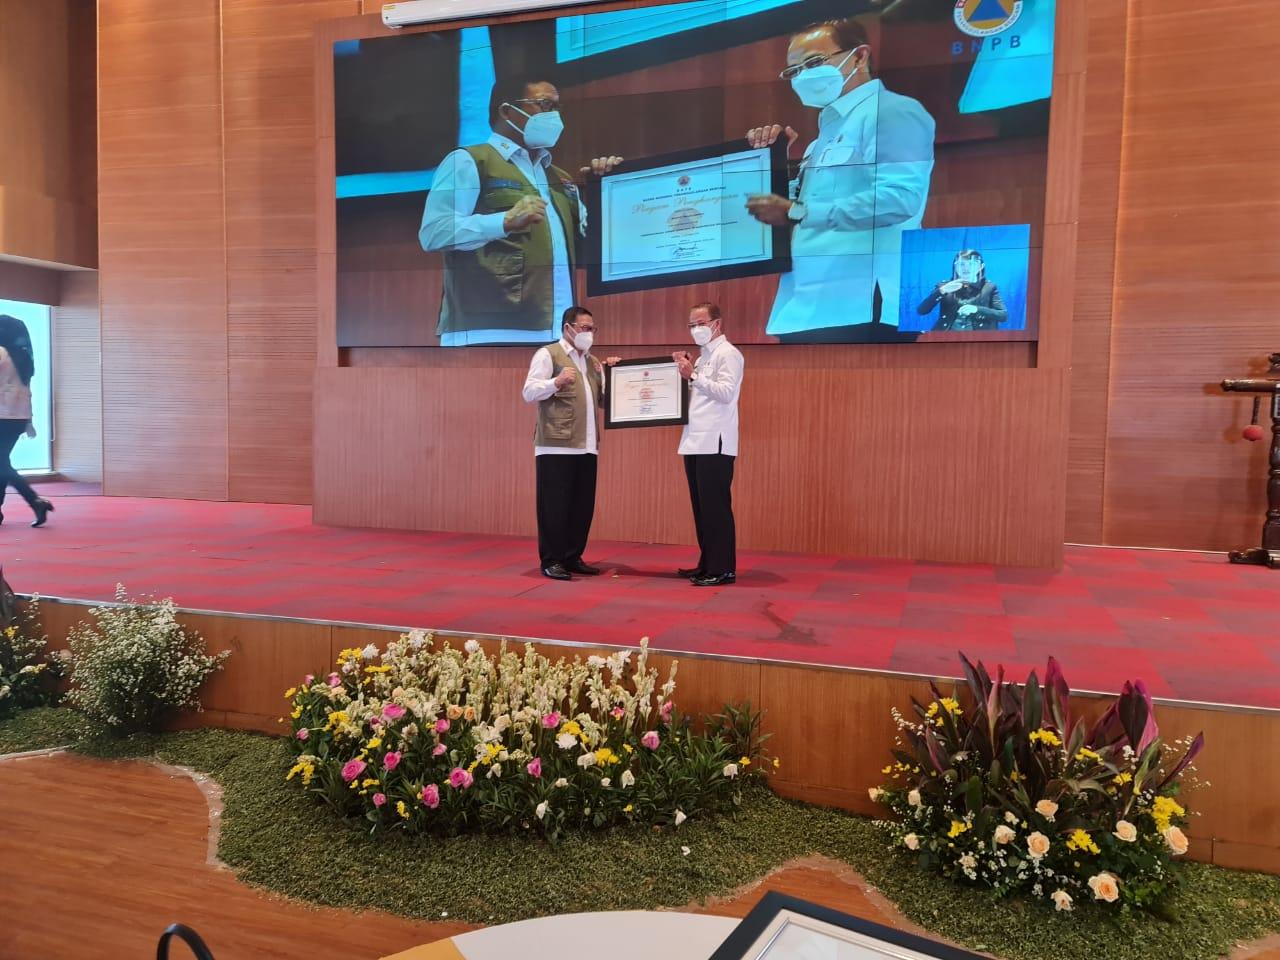 Berhasil Kurangi Resiko Bencana, Bupati Raih Penghargaan dari BNPB